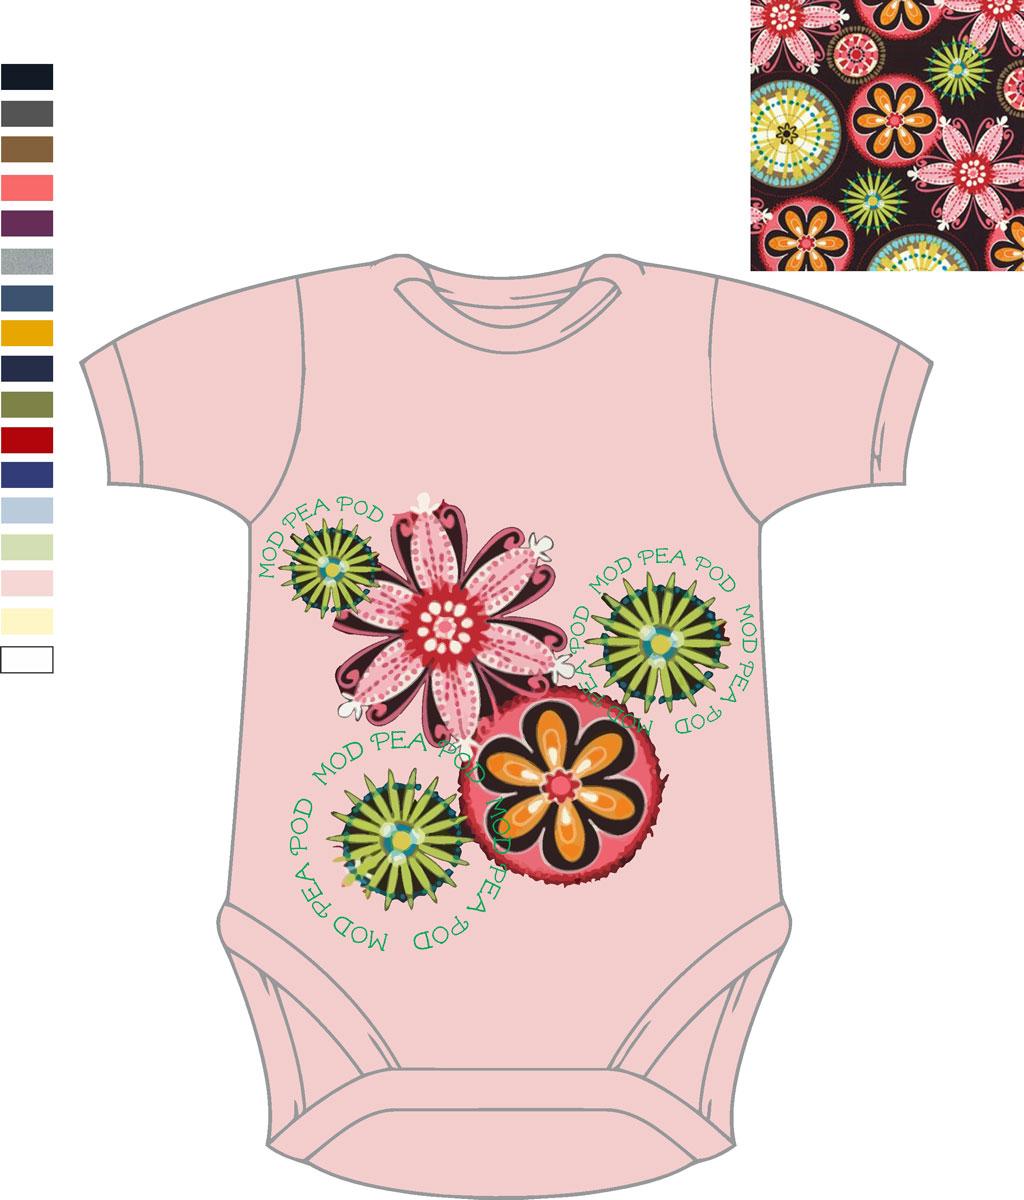 Mod PeaPod Flower pattern